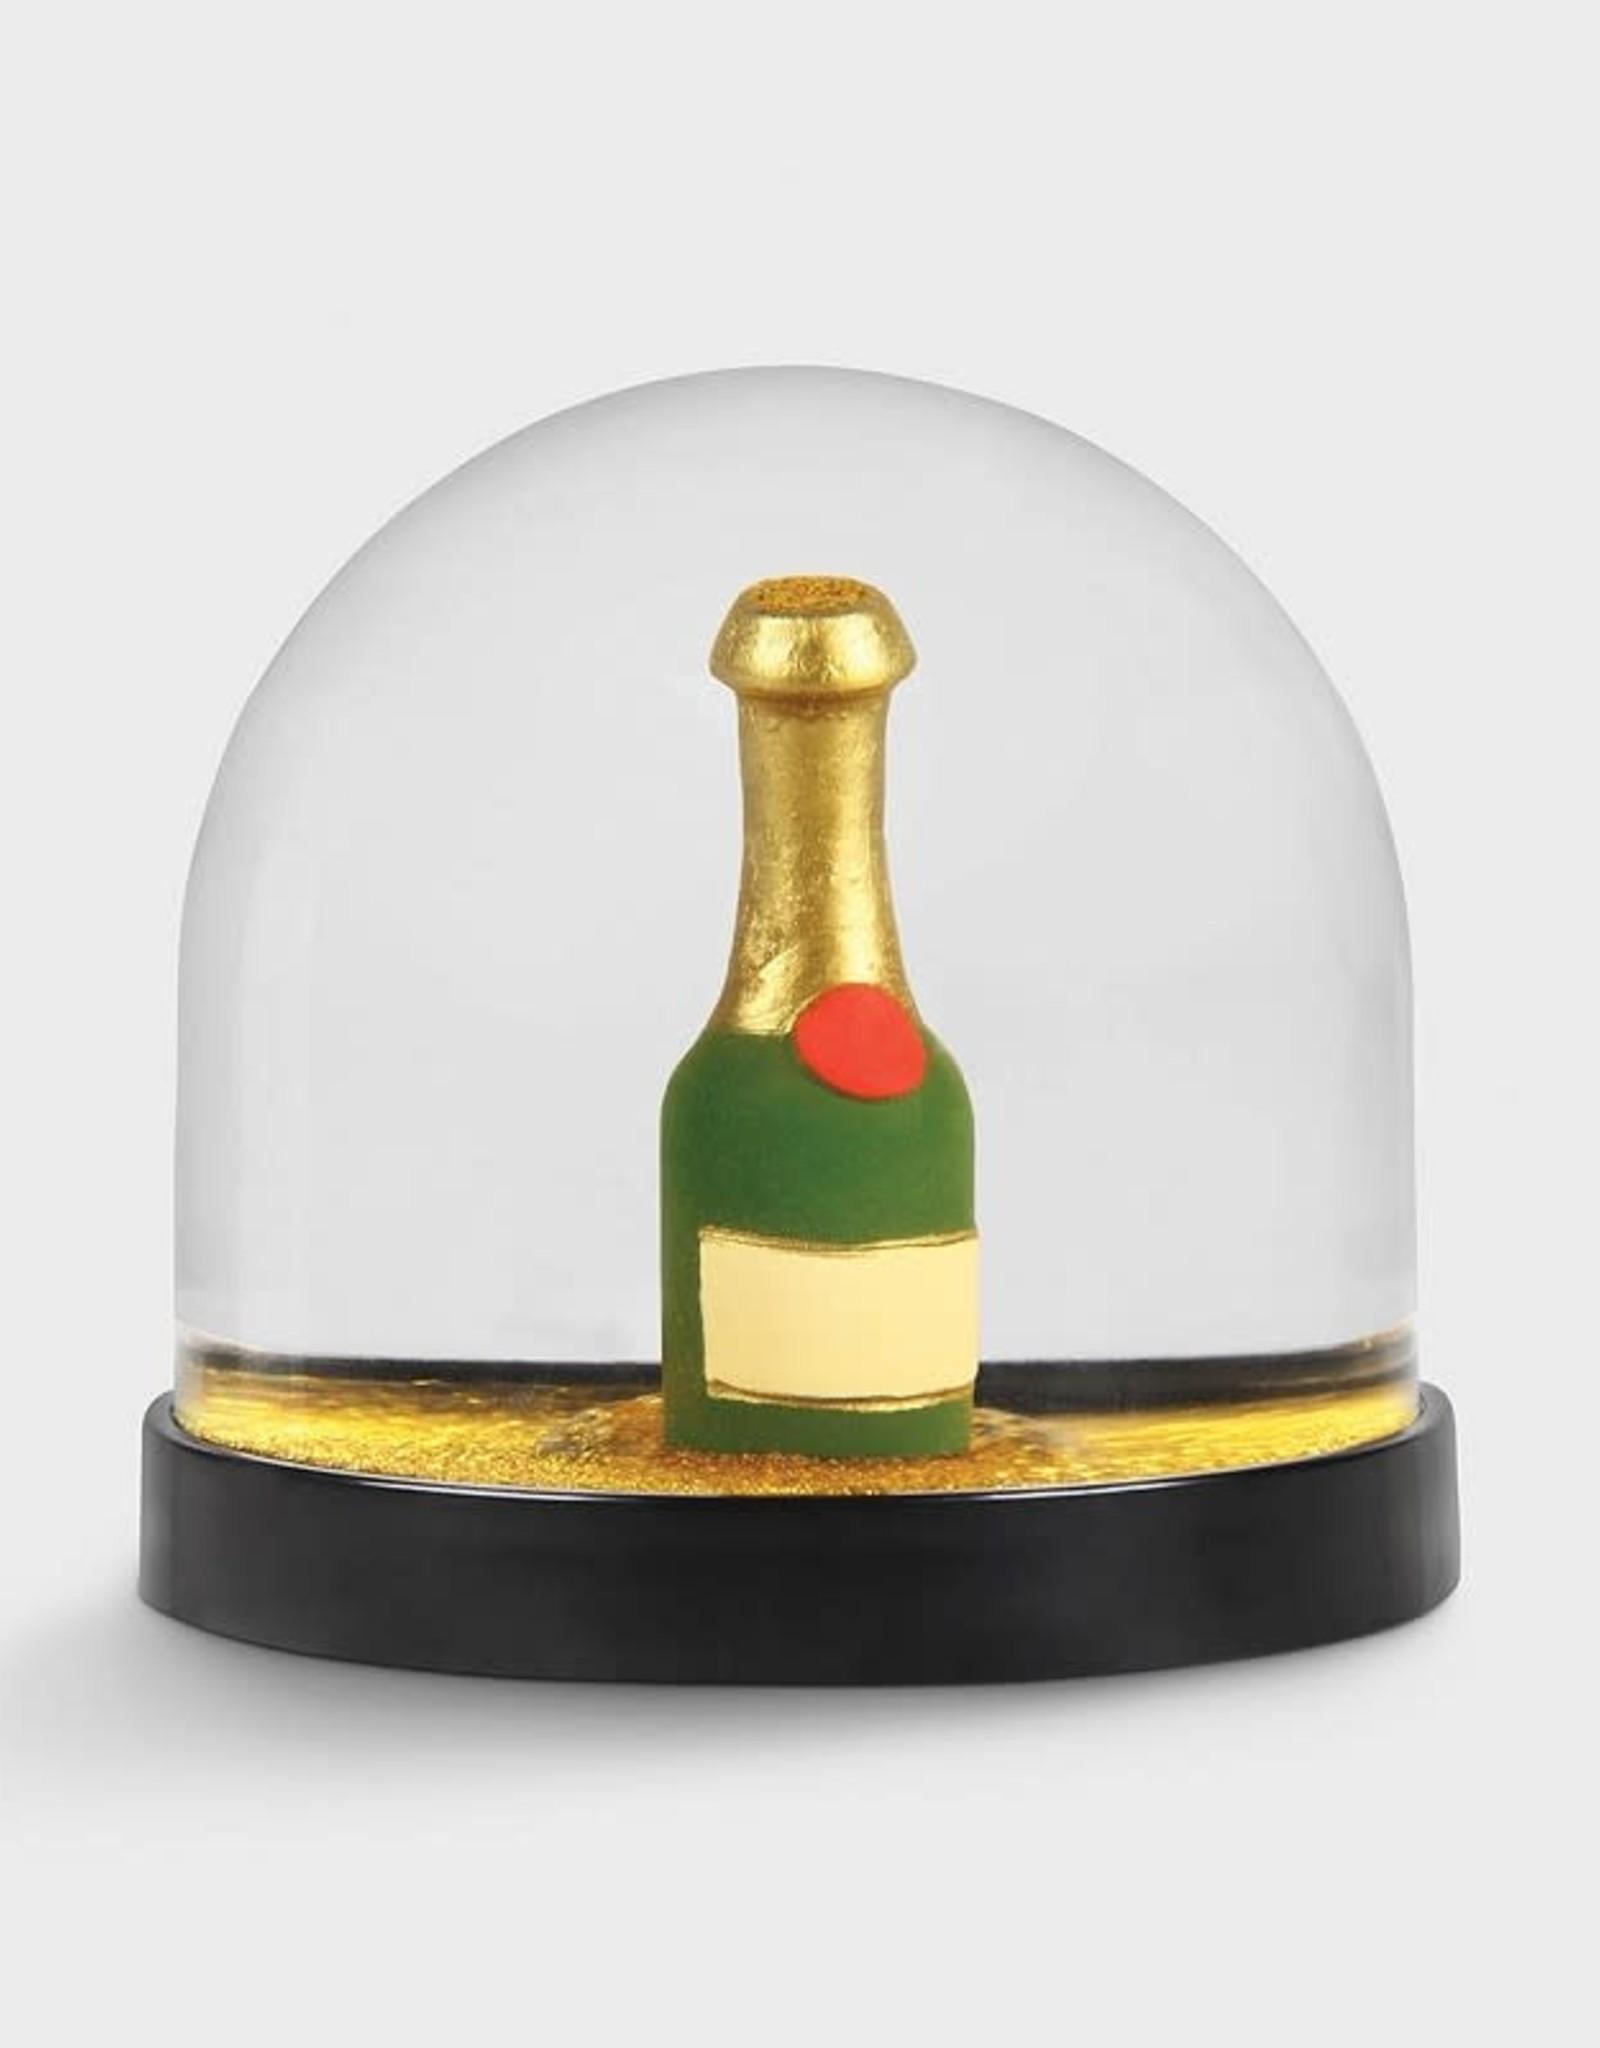 & klevering Boule à neige Wonderball Champagne Bottle